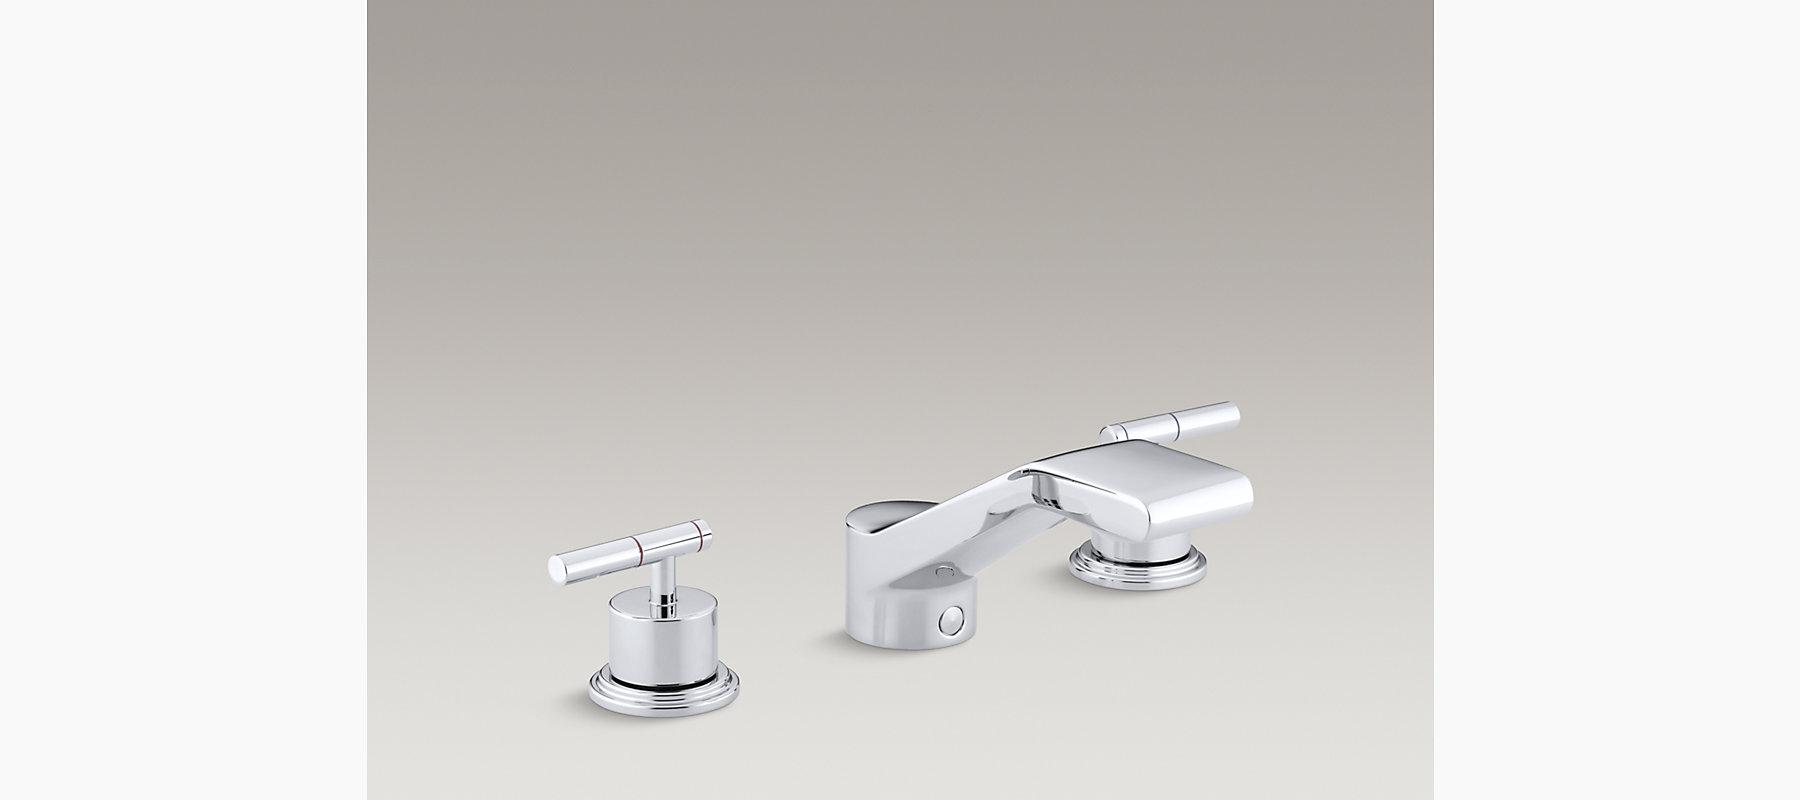 Taboret DeckMount HighFlow Bath Faucet Trim KT KOHLER - Discontinued kohler bathroom sink faucets